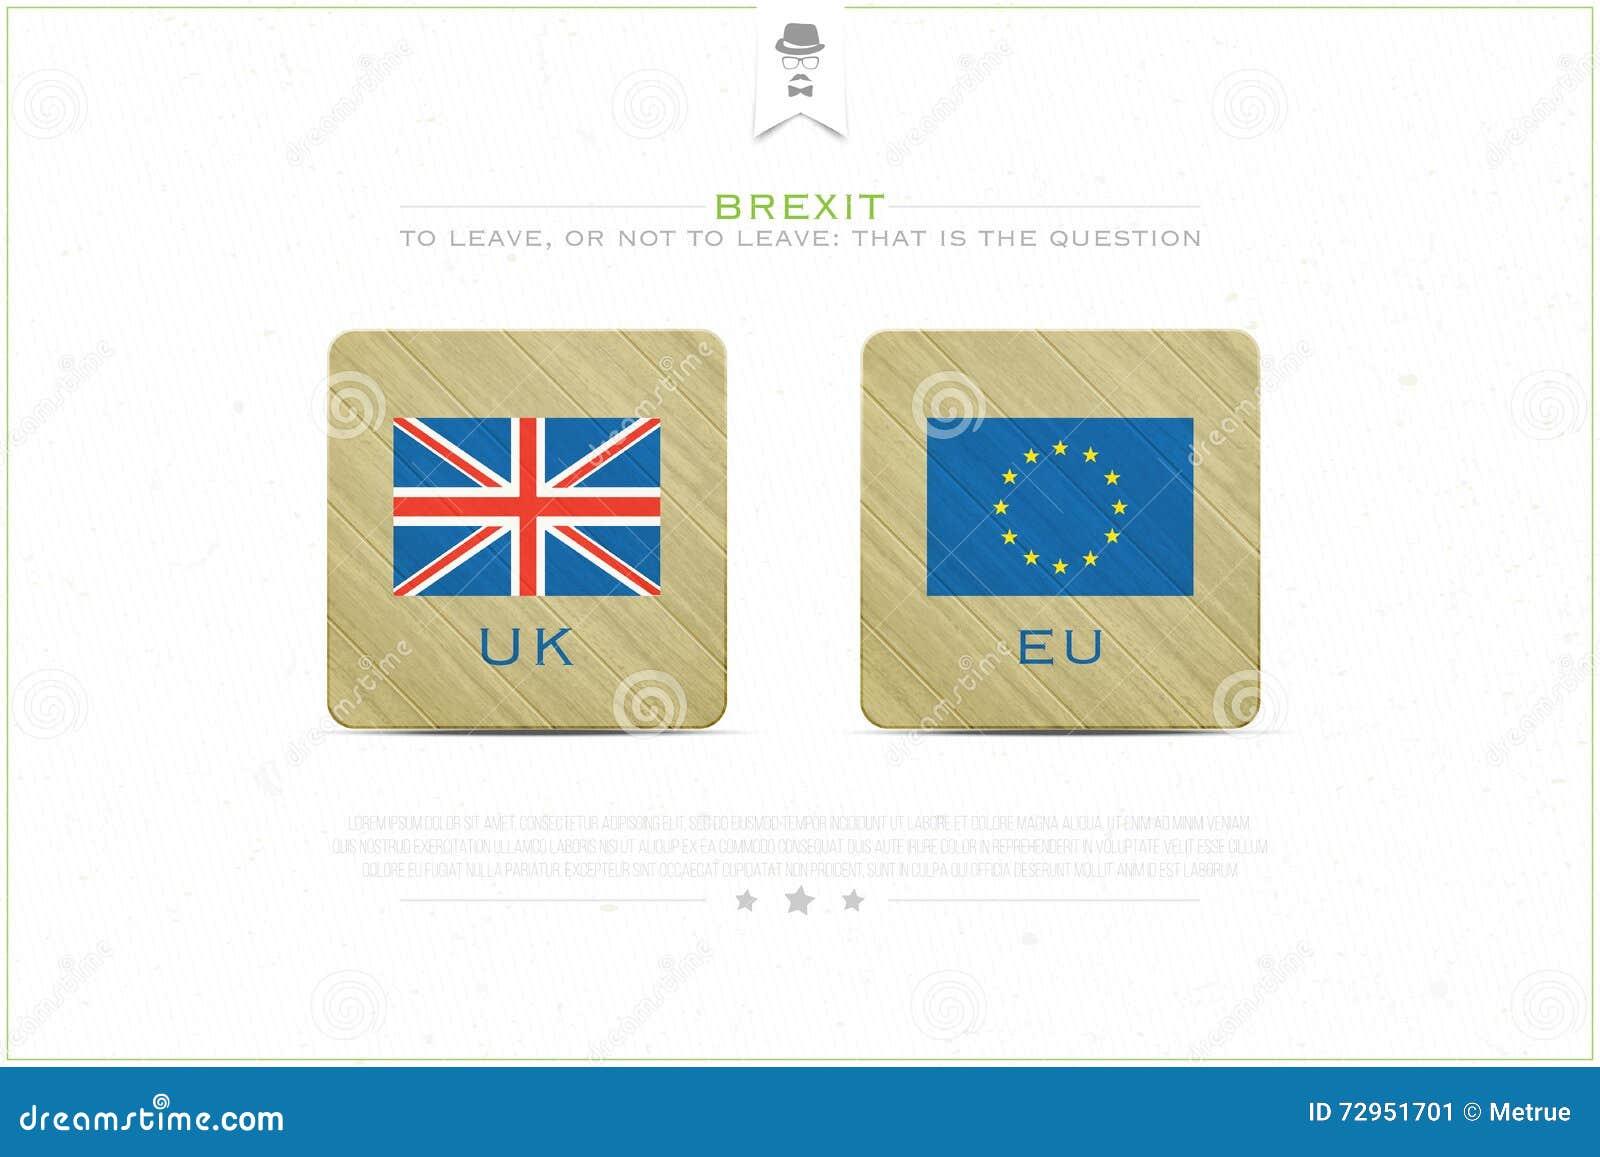 Brexit emblem